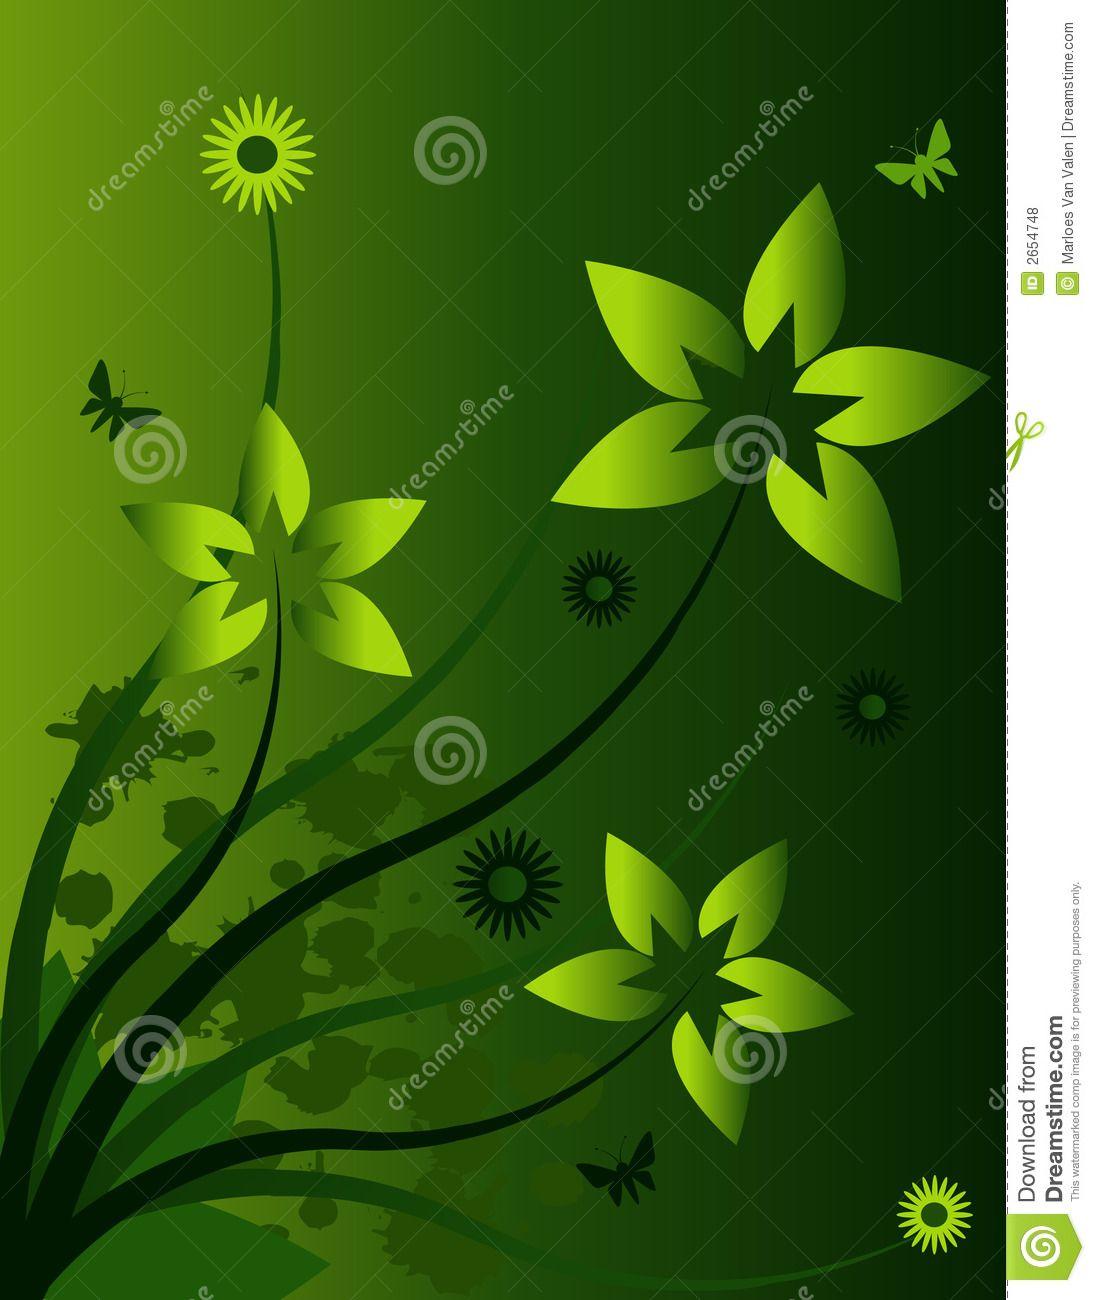 http://thumbs.dreamstime.com/z/vector-flower-design-2654748.jpg